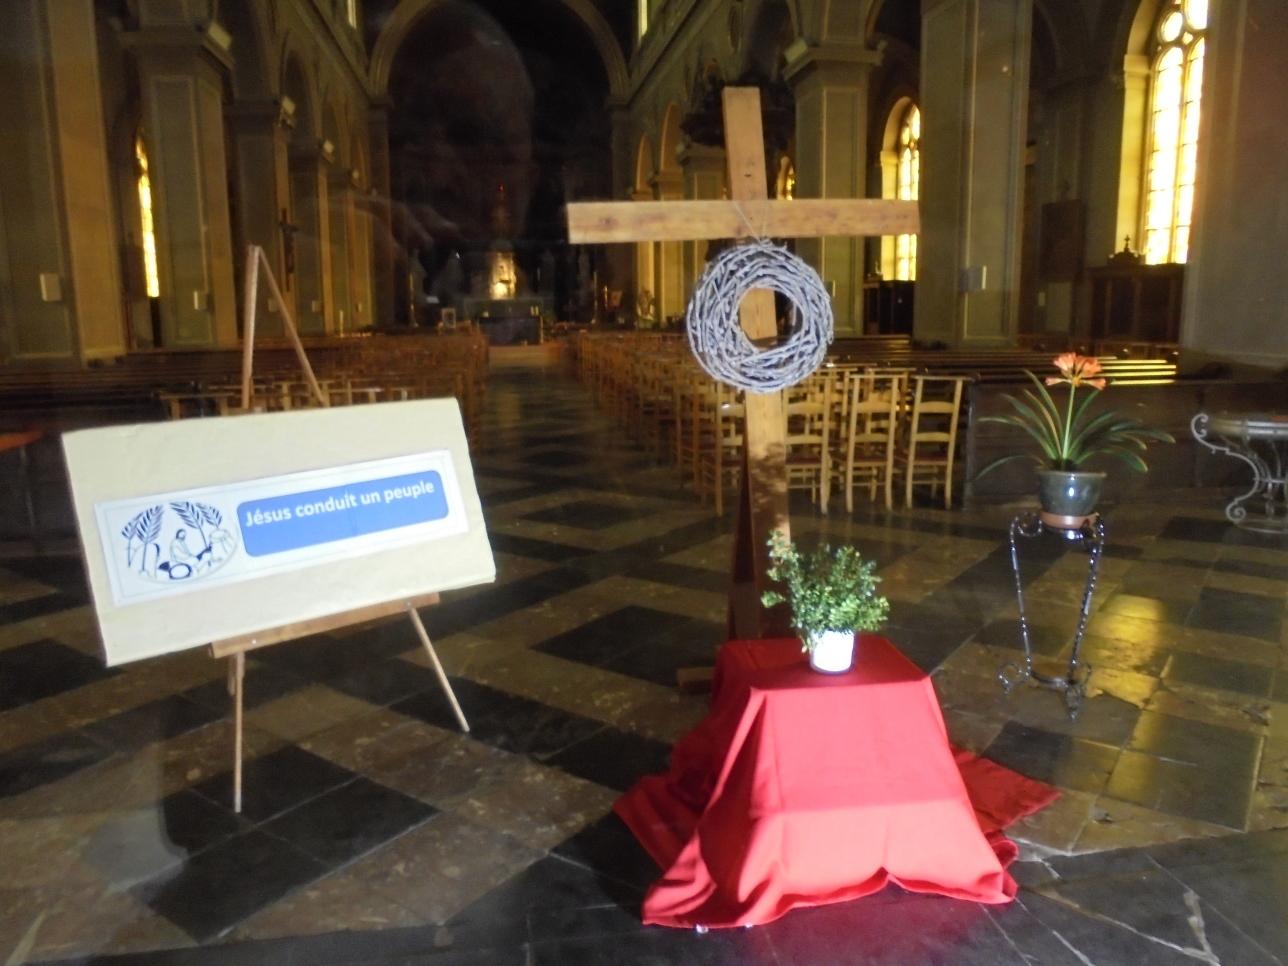 Dimanche des Rameaux à Saint Remacle. Eglise ouverte chaque jour de 10h30 à 18h30 pour un moment de recueillement.